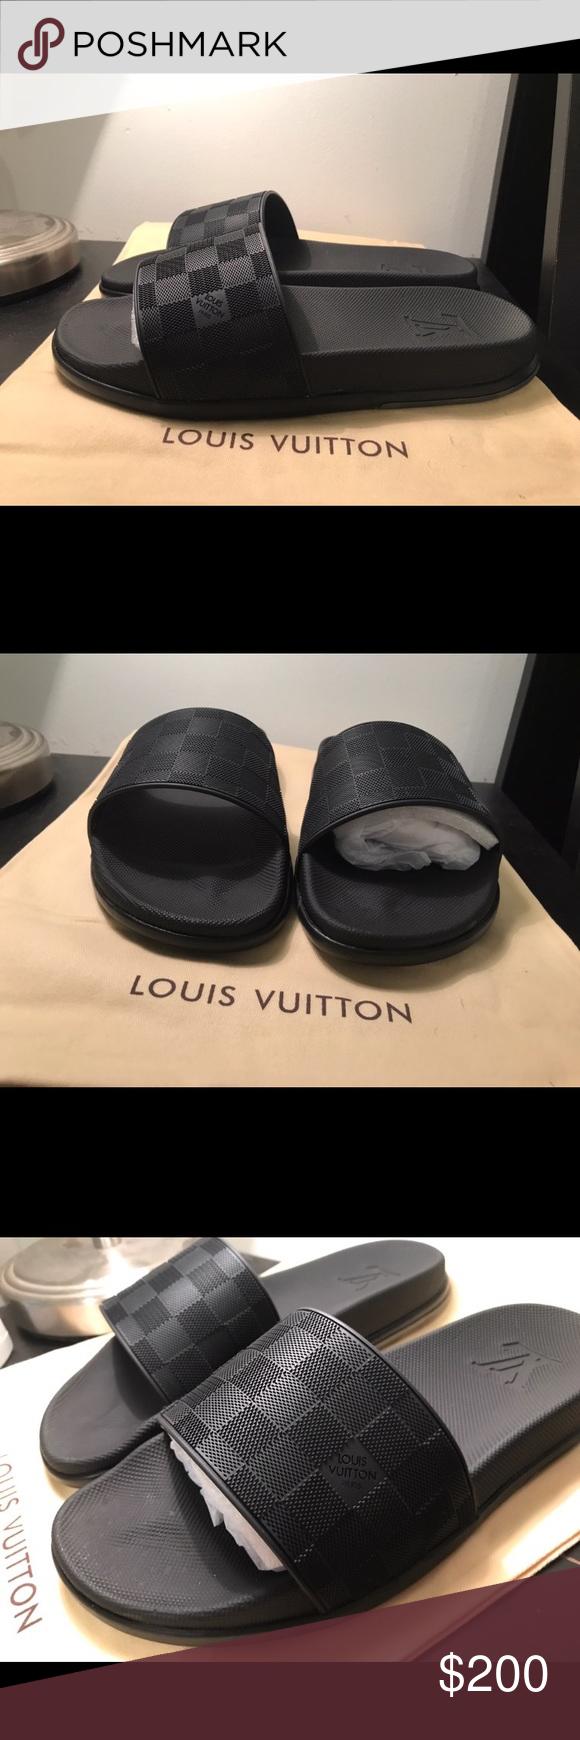 4df5a45b6ff9 Louis Vuitton Waterfront Mule Slides Flip Flops New 100% authentic men s Louis  Vuitton Slides